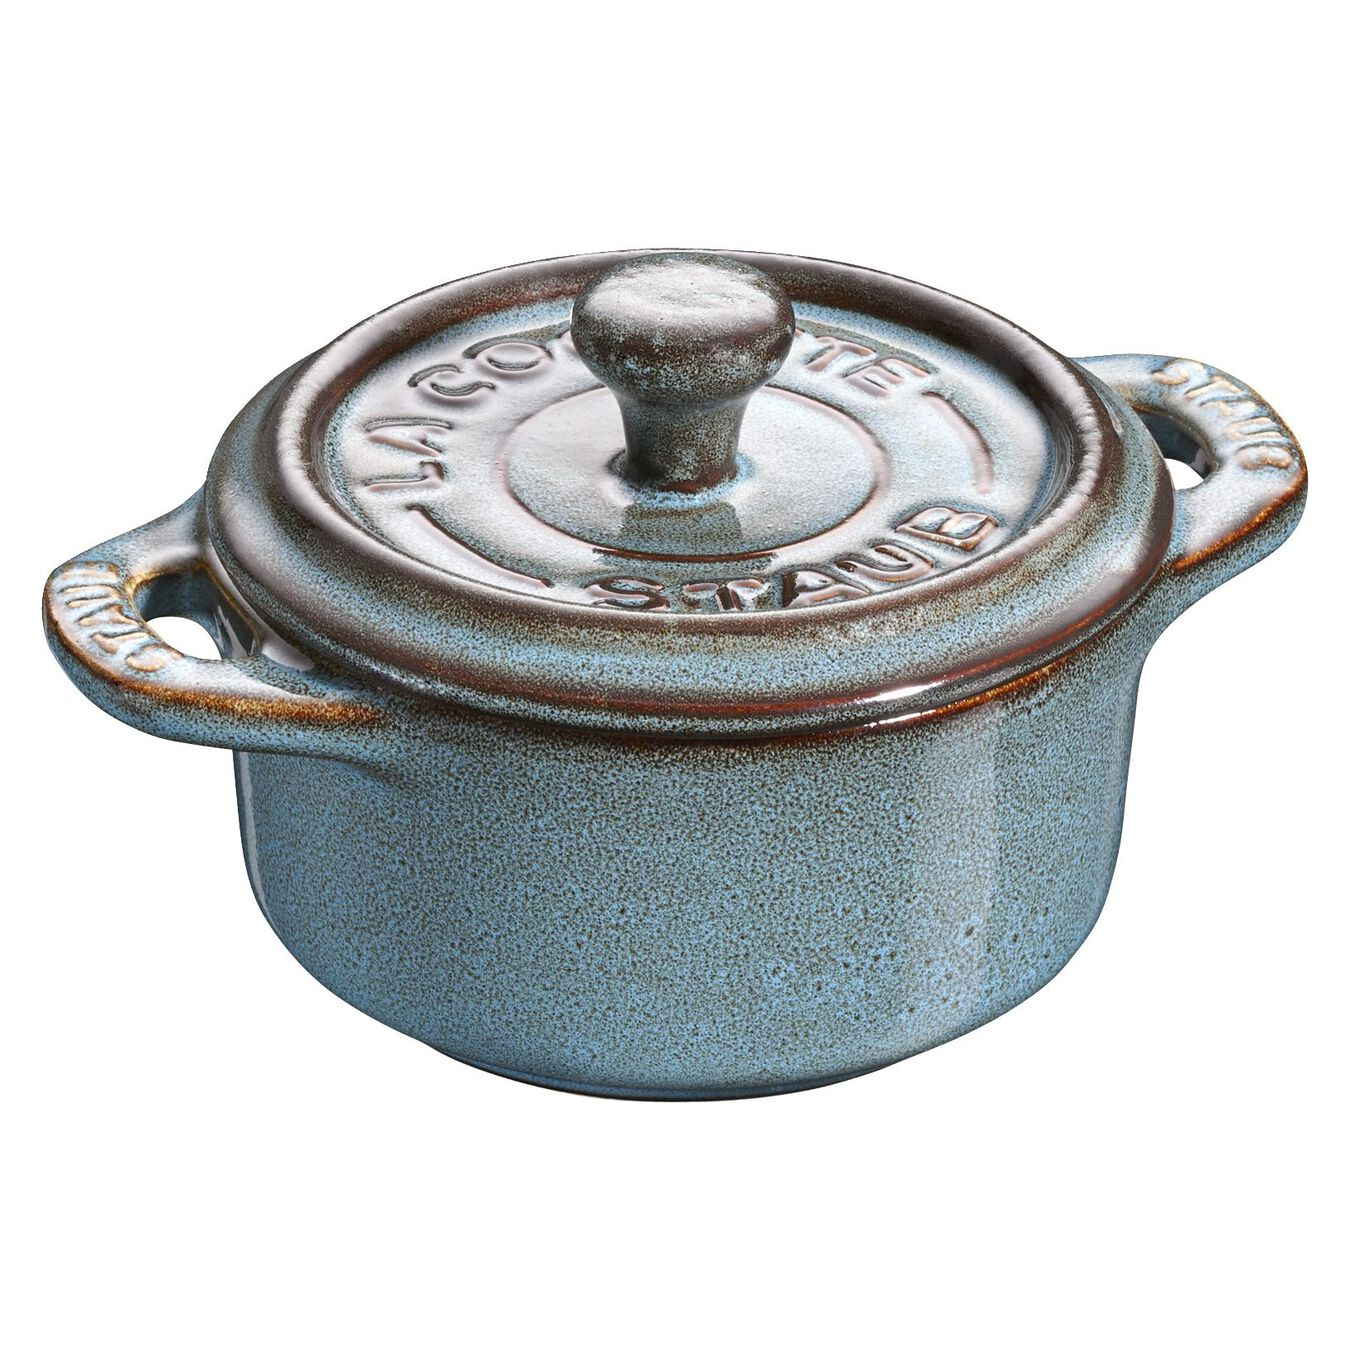 Mini Cocotte 10 cm, Rond(e), Turquoise antique, Céramique,,large 1